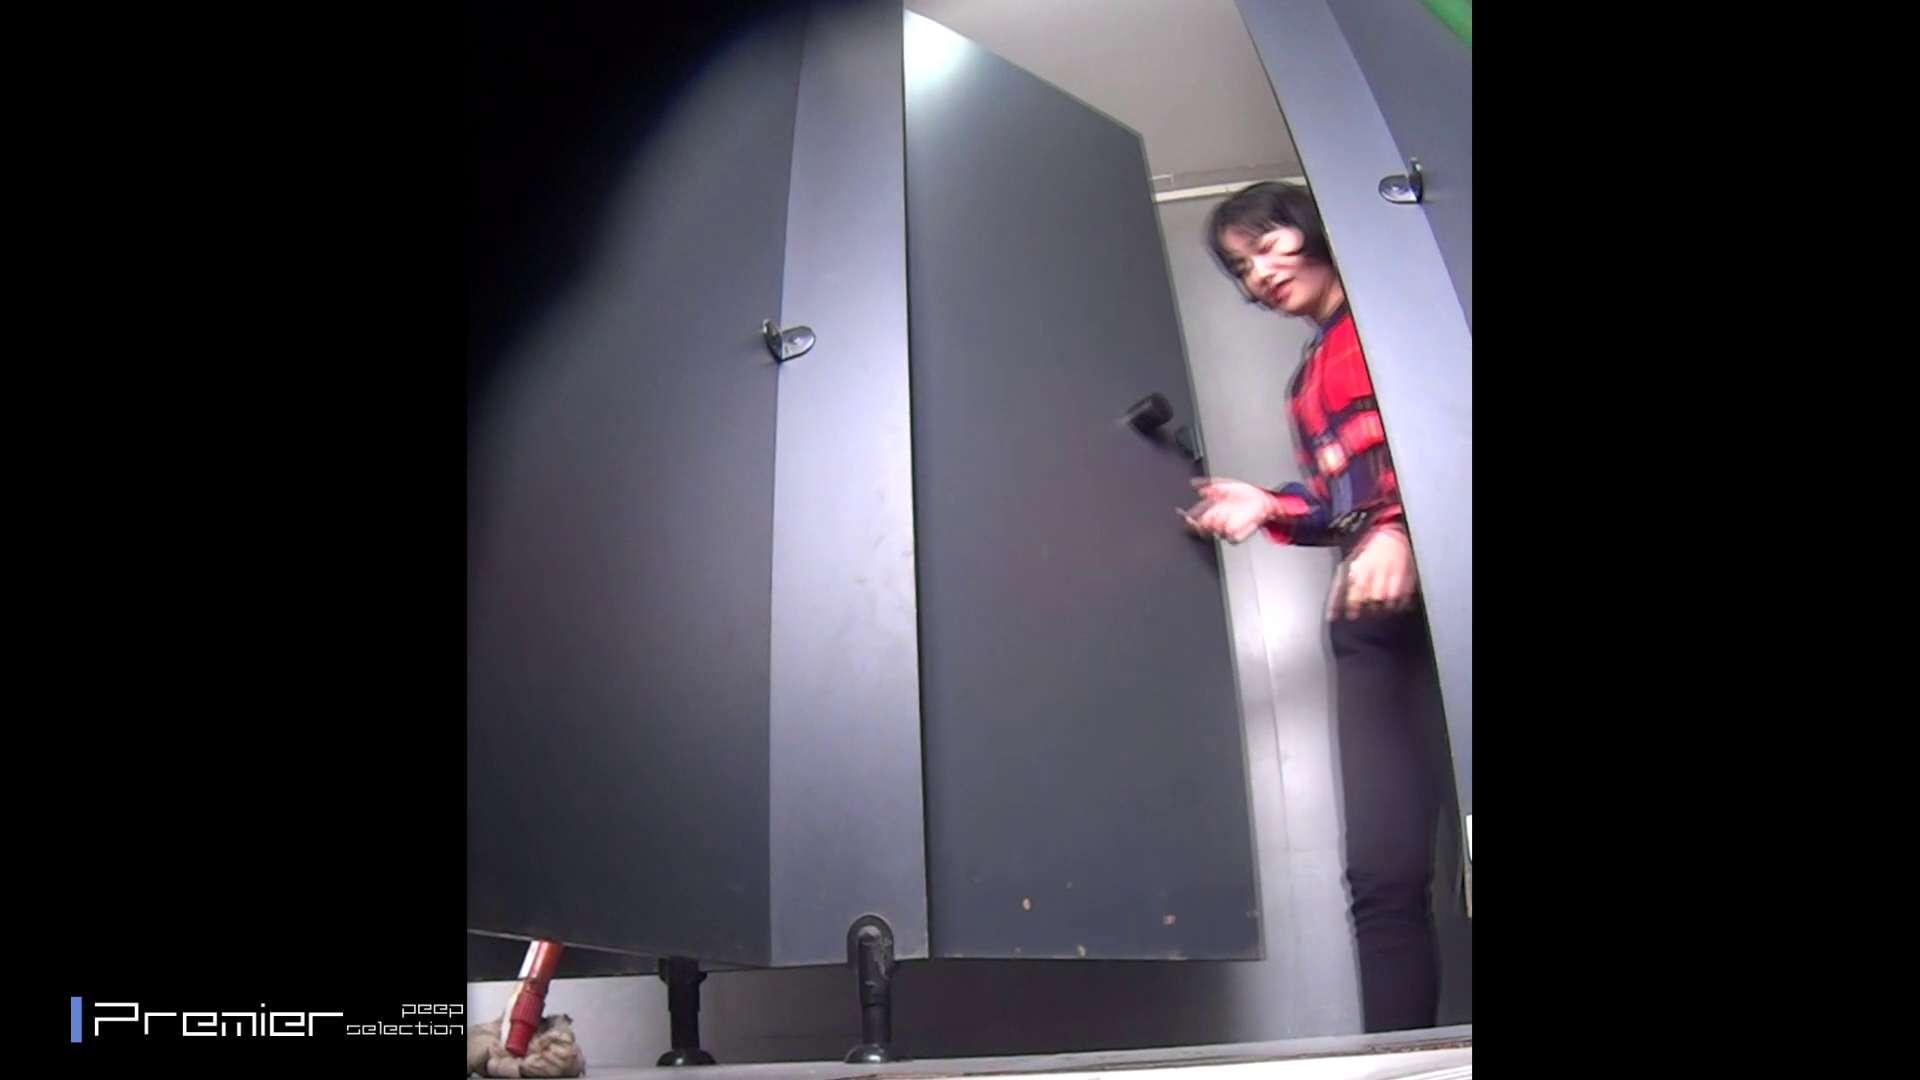 美尻がアップで盛りだくさん!大学休憩時間の洗面所事情30 エッチすぎる美女 覗きおまんこ画像 76連発 2